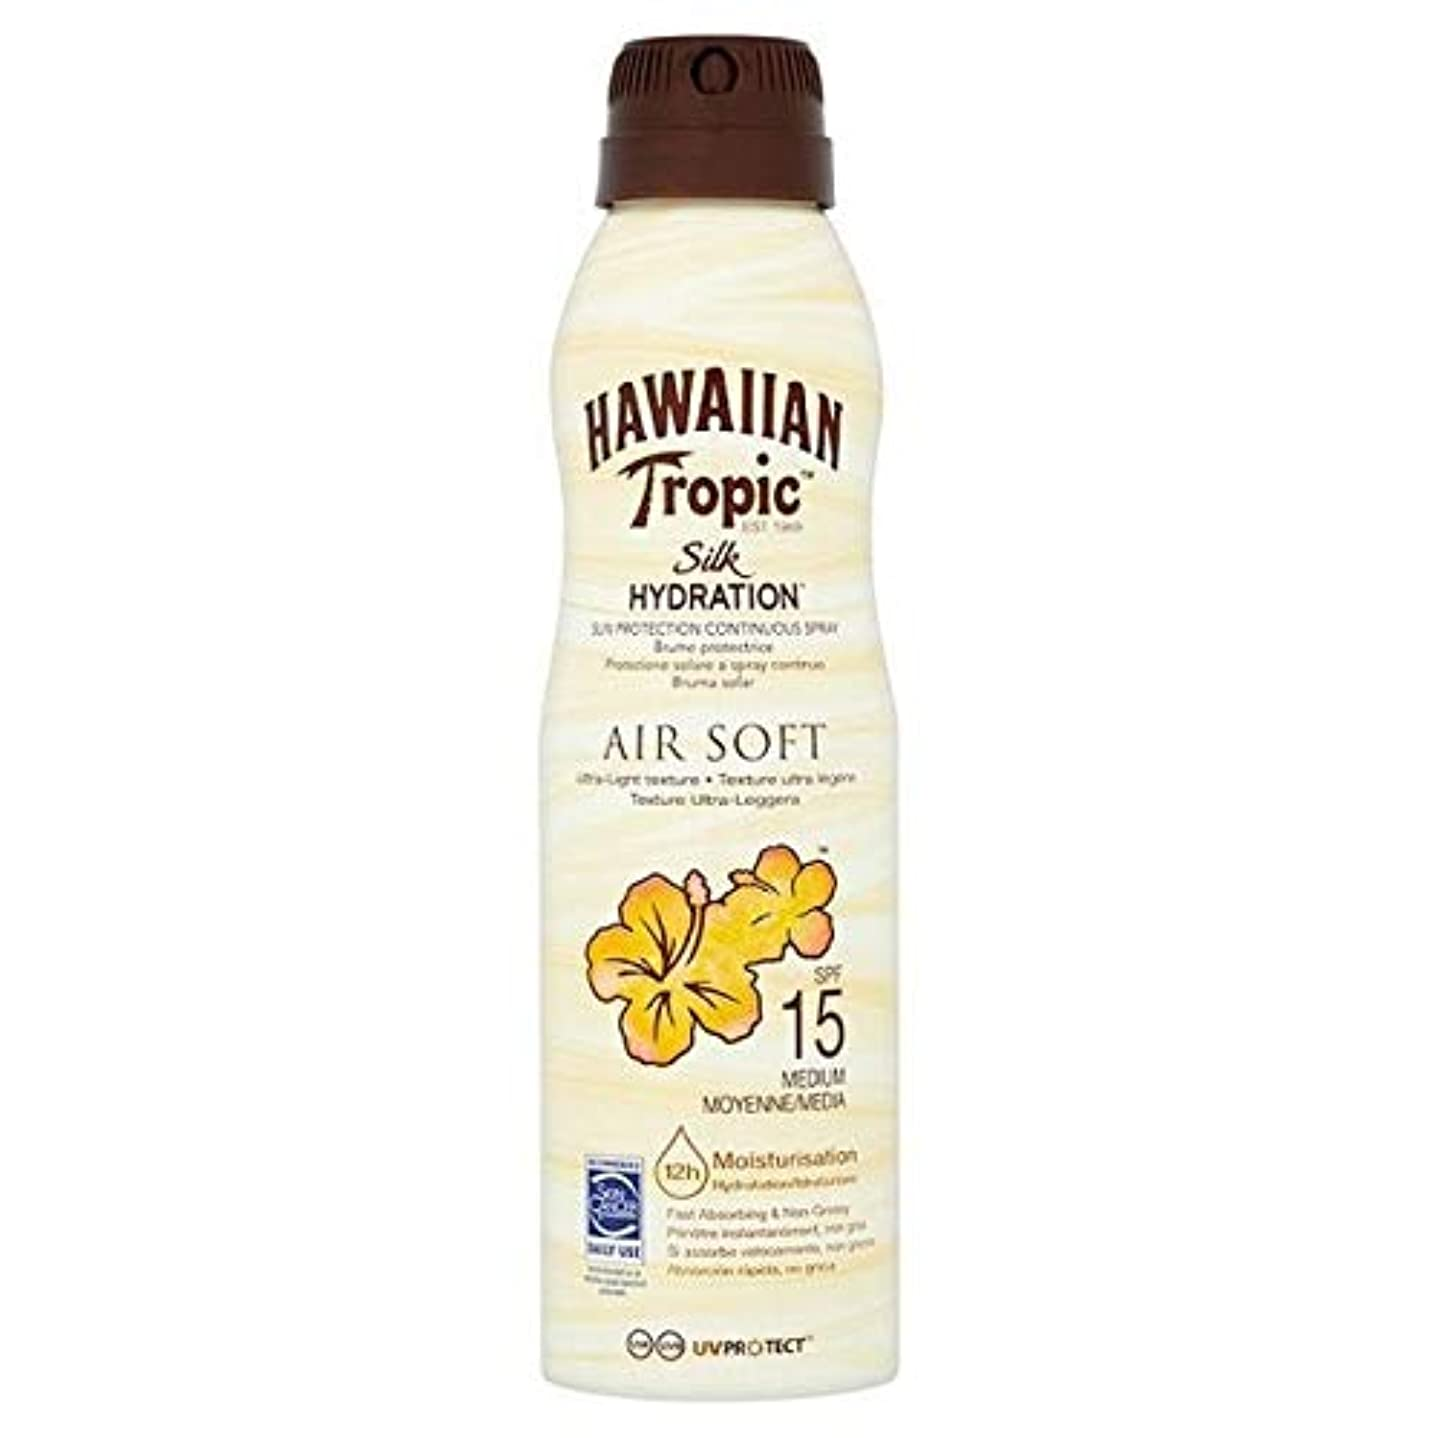 冒険家セットアップオートマトン[Hawaiian Tropic ] H /向性絹水和エアガン連続スプレーSpf15の177ミリリットル - H/Tropic Silk Hydration Airsoft Continuous Spray SPF15...